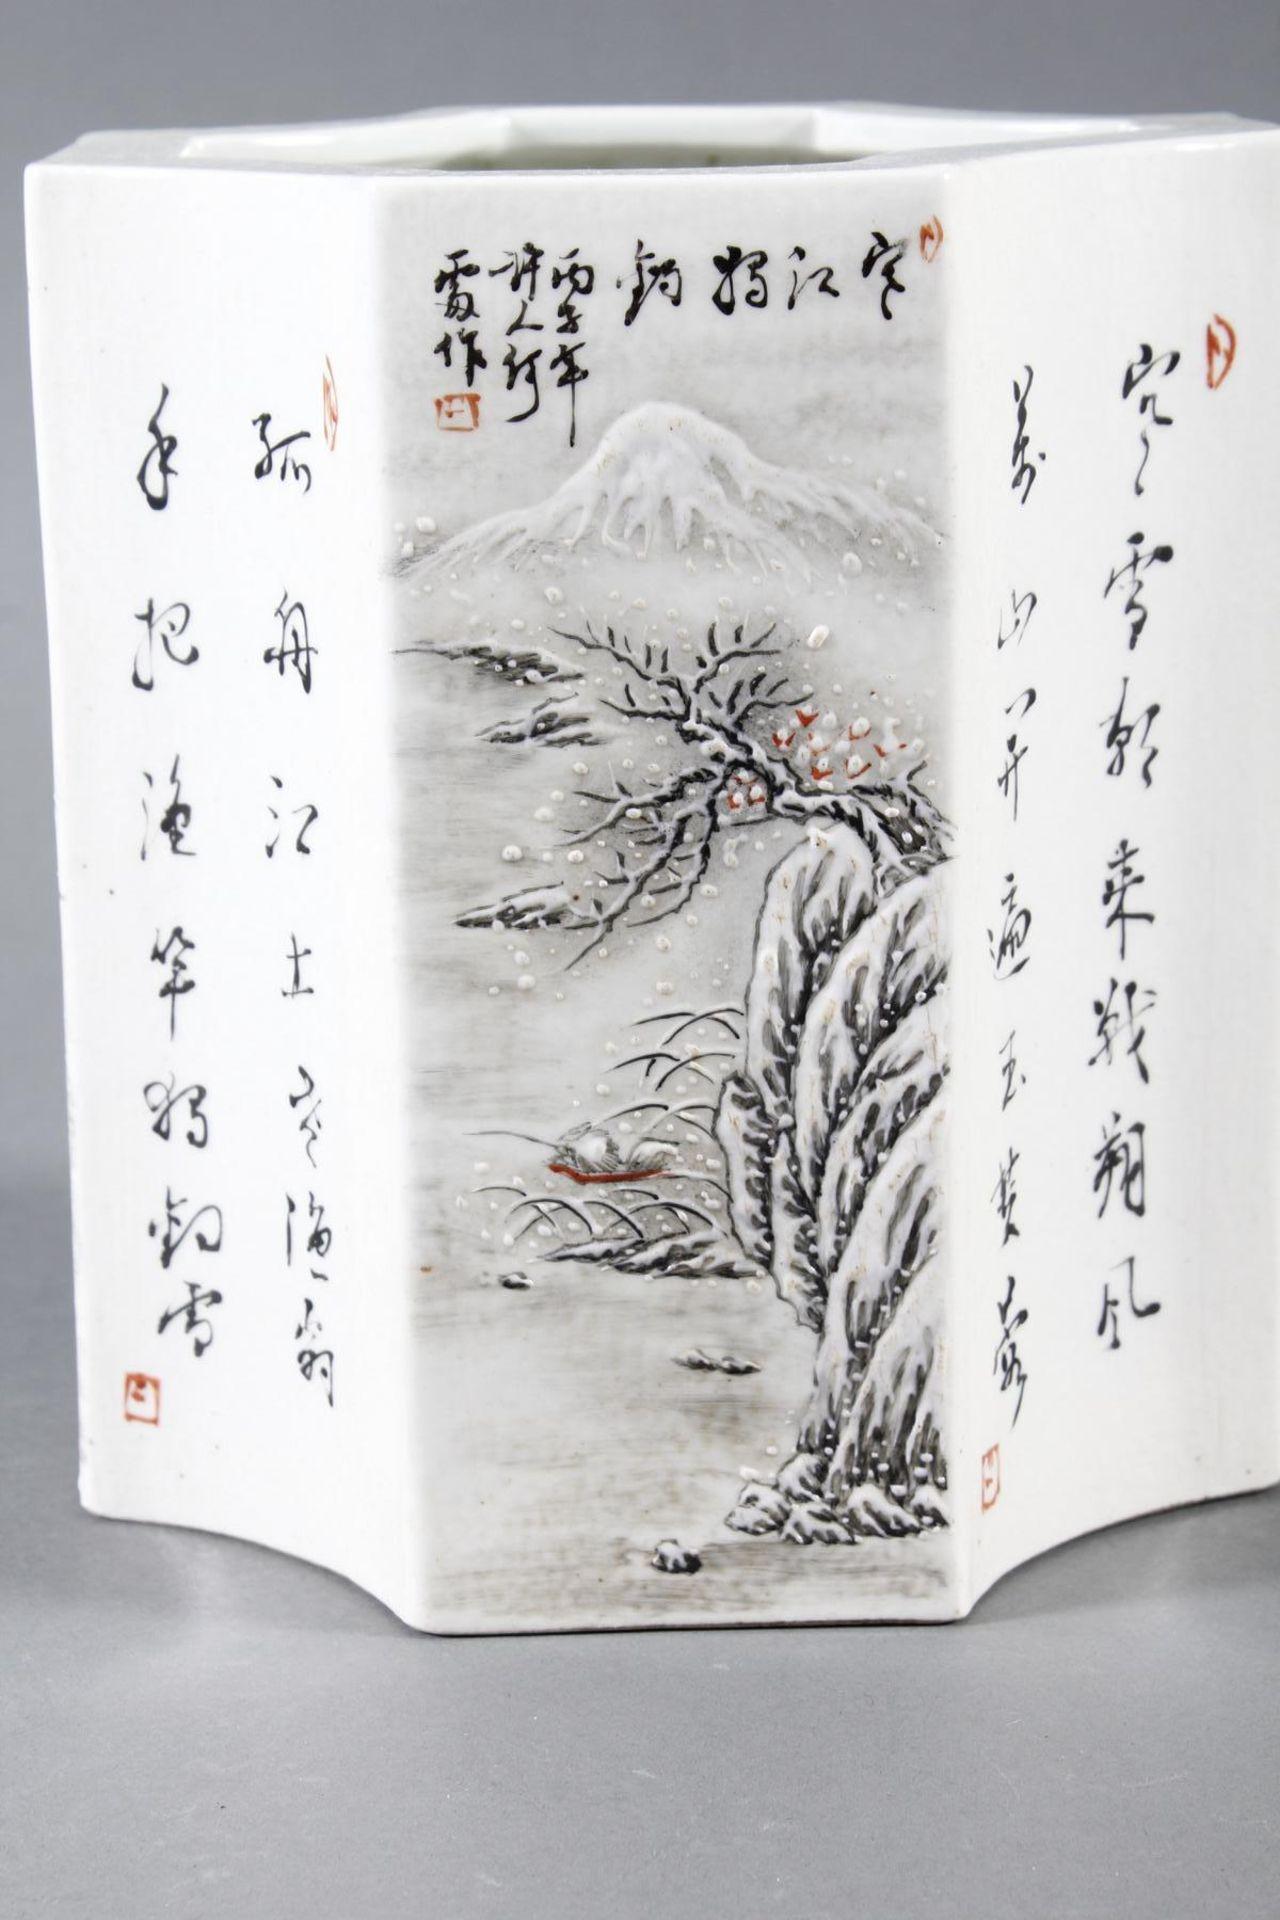 Porzellan-Pinselbehälter, China, Mitte 20. Jahrhundert - Bild 7 aus 15